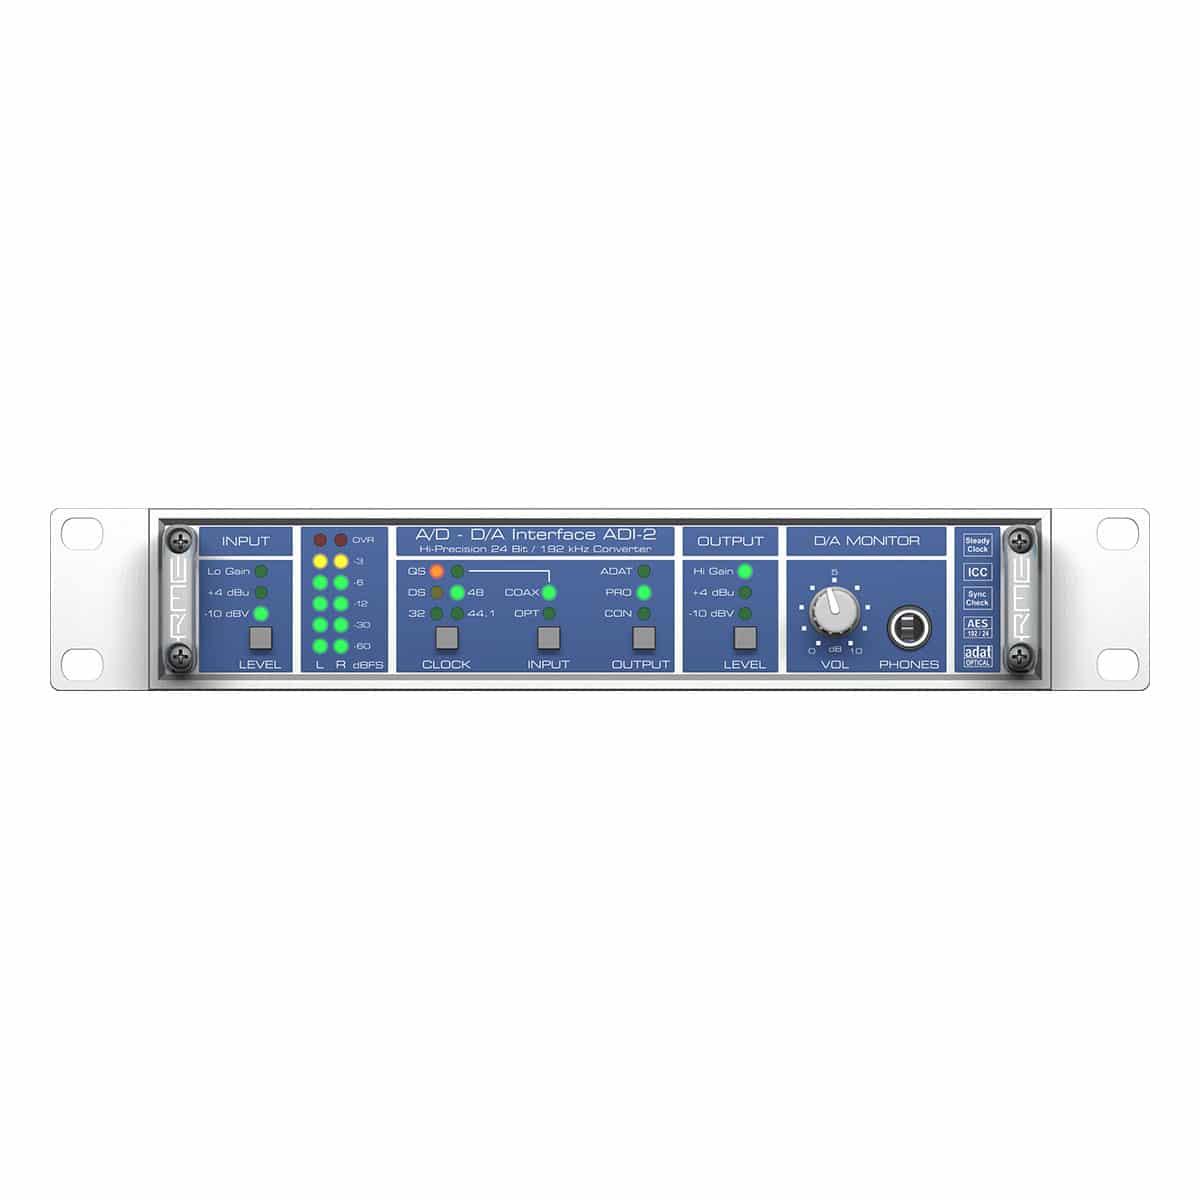 RME ADI 2 04 Convertitori audio professionali, Strumentazioni Pro Audio per studi di registrazione, Audio digitale: Convertitori e schede audio, Interfacce e schede audio USB e Thunderbolt per PC e Mac